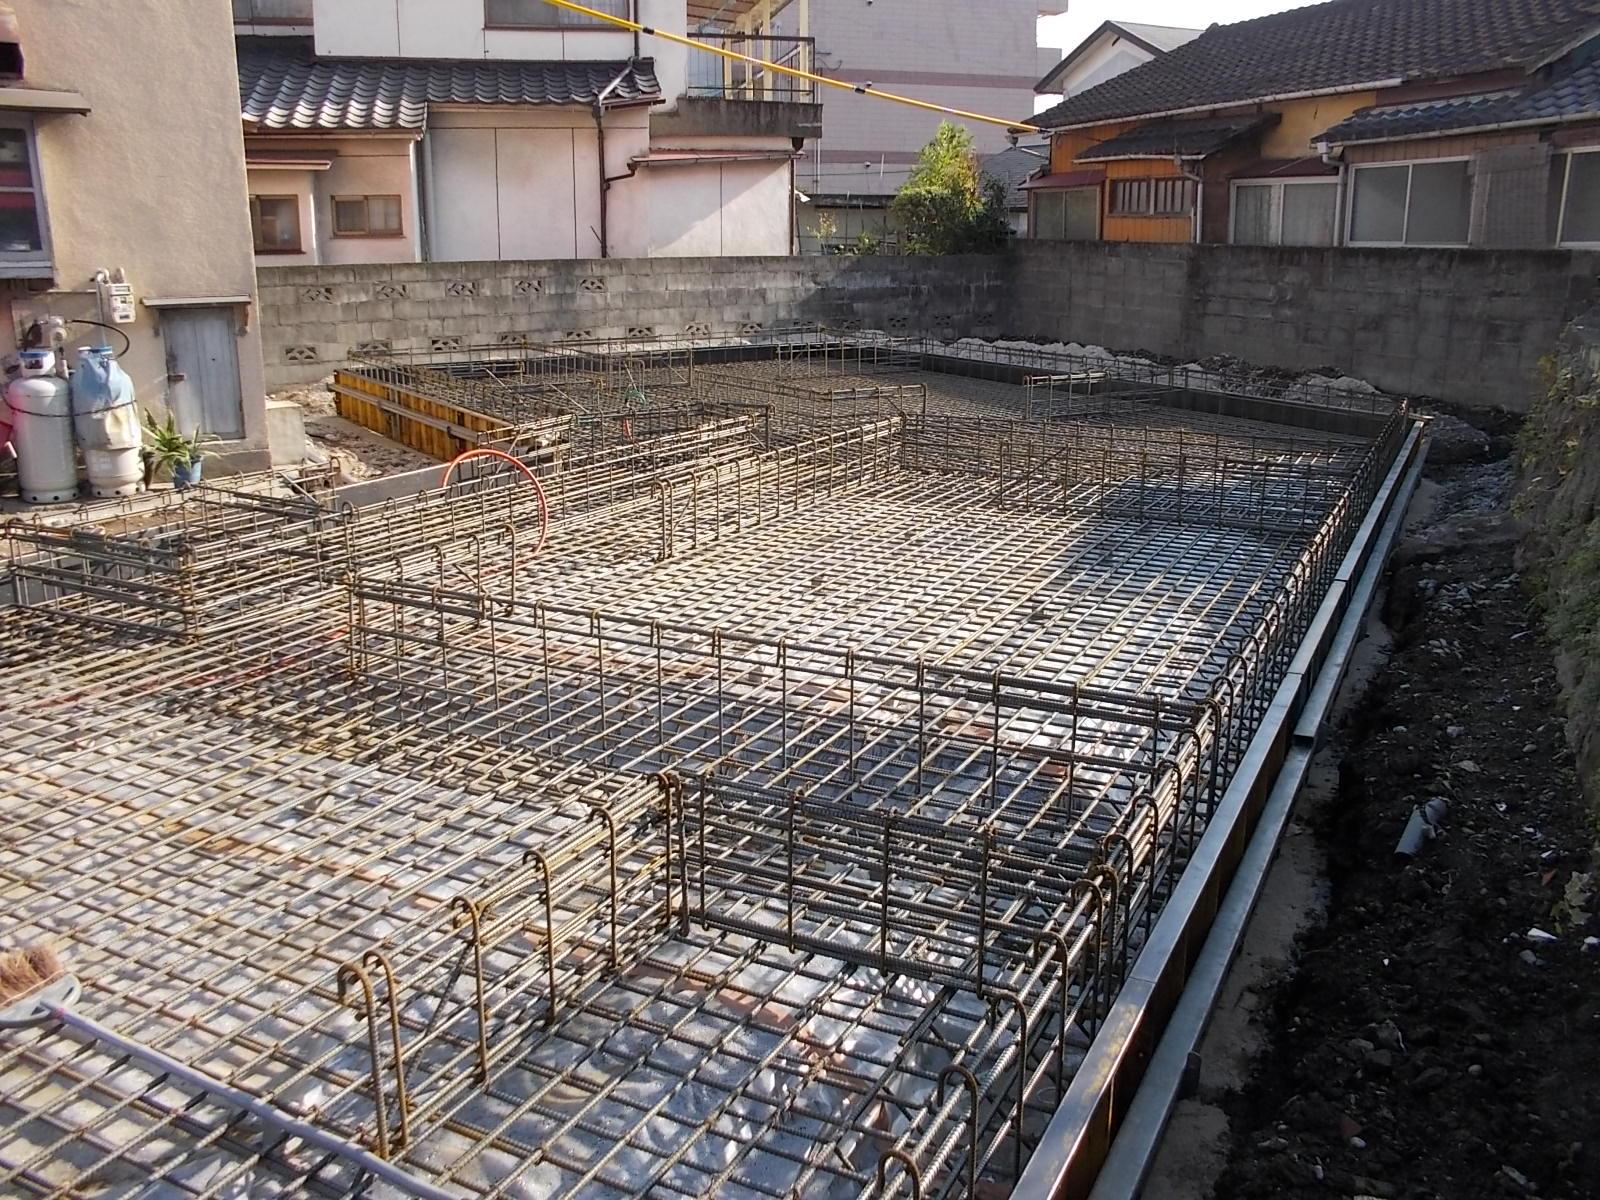 のびやかな2世帯住宅―建築への第一歩:別府の住宅_b0118287_20135266.jpg